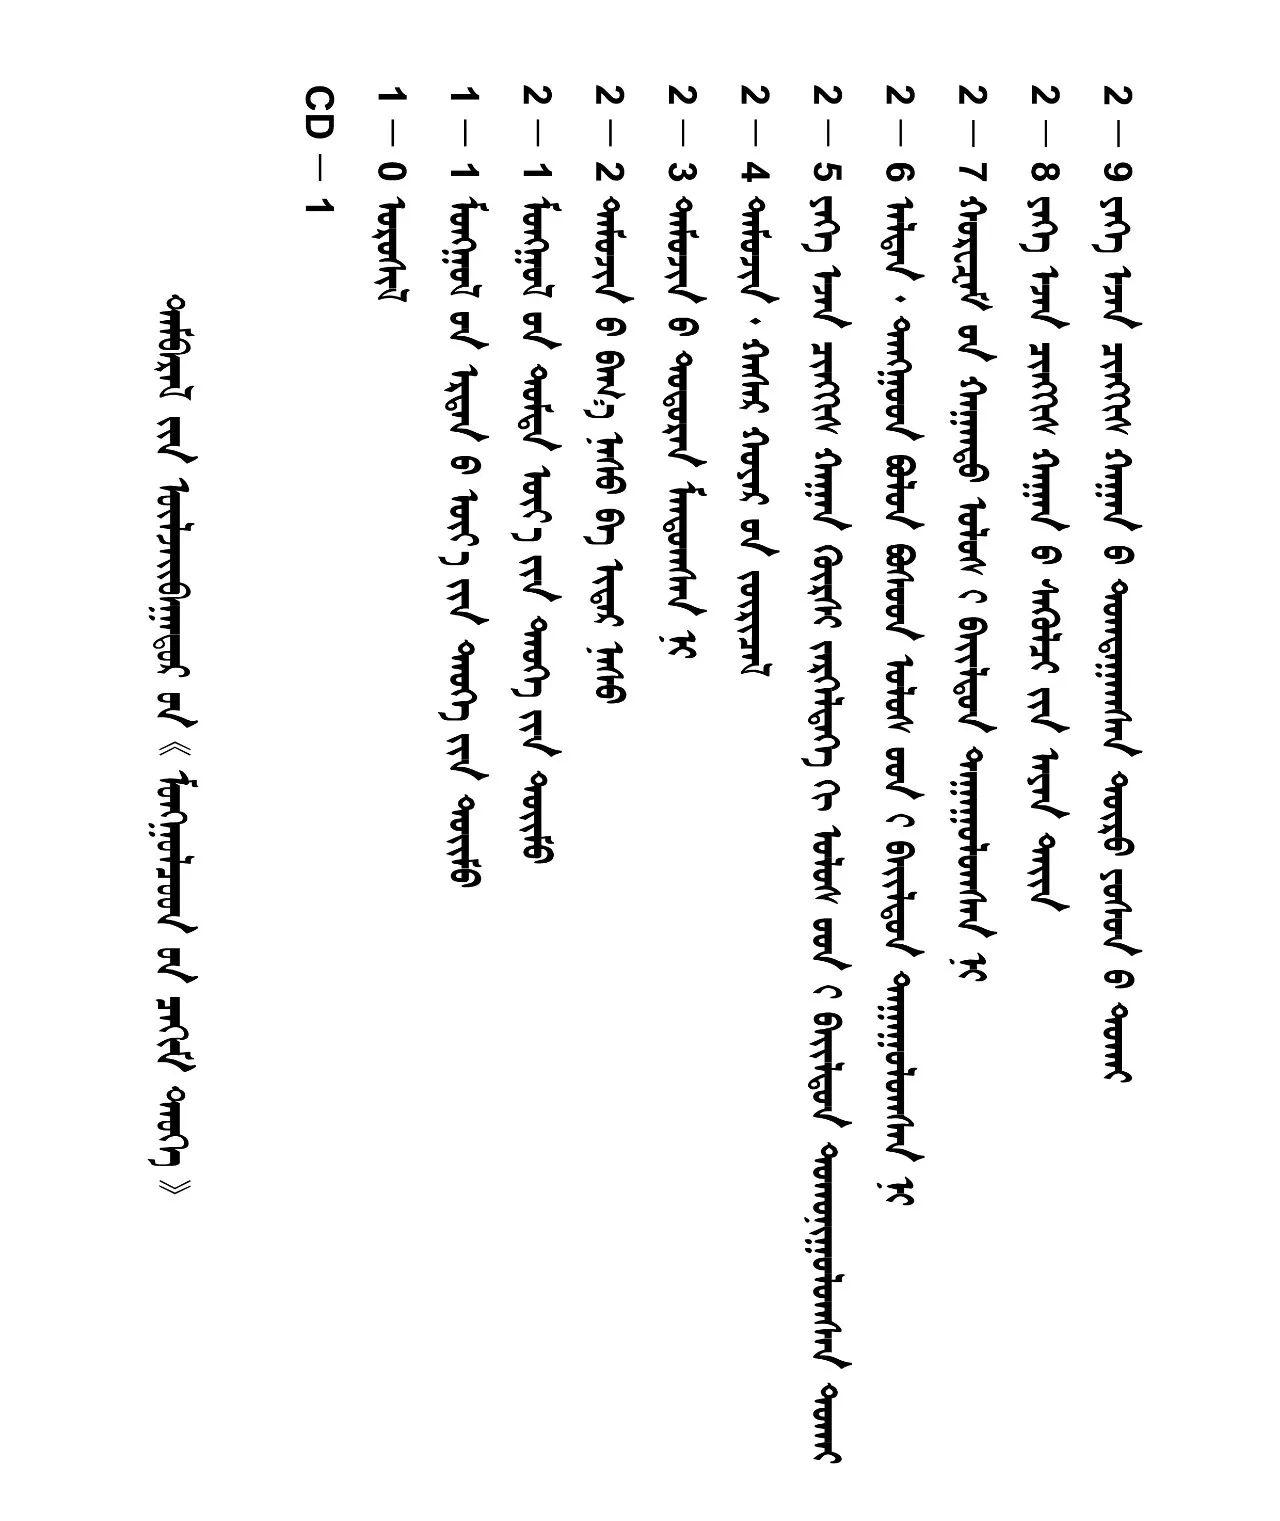 蒙古历史听书 1-0 前言 оршил 第2张 蒙古历史听书 1-0 前言 оршил 蒙古文化